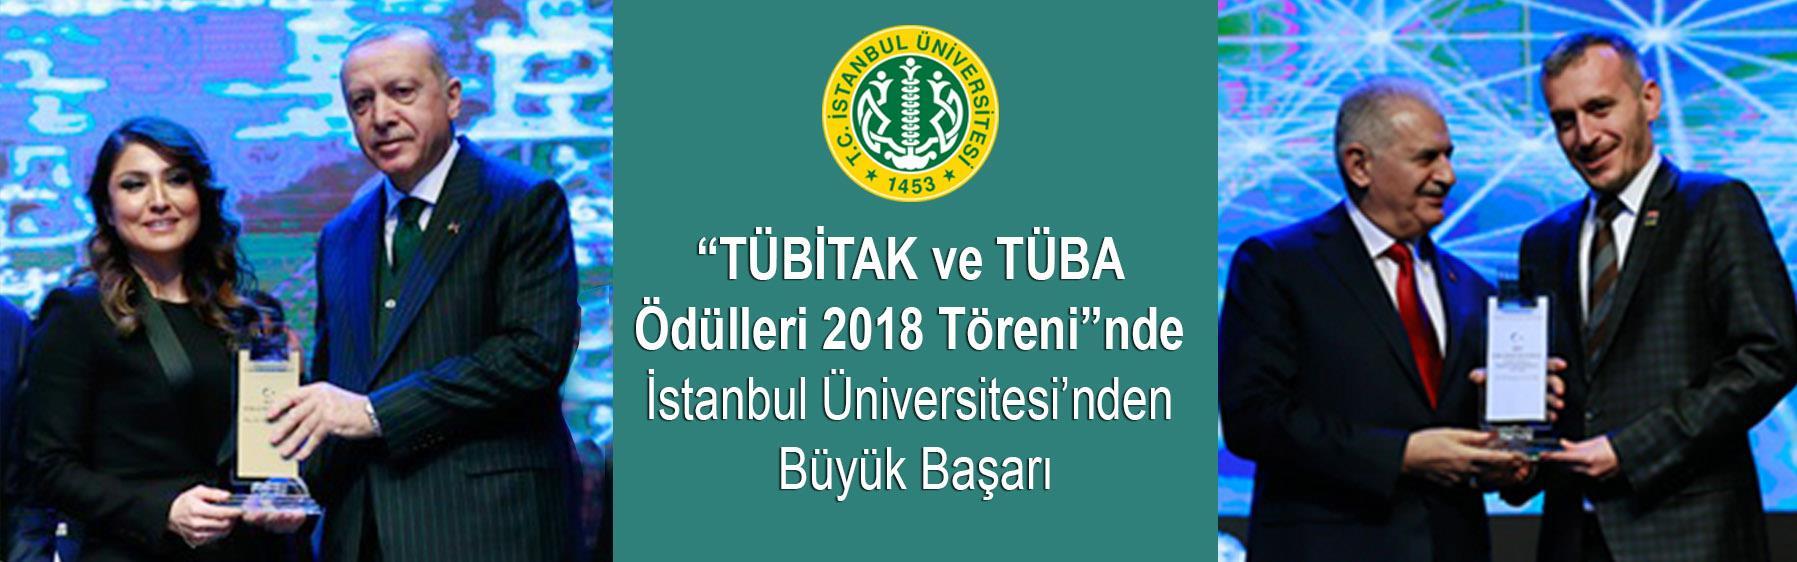 """""""TÜBİTAK-ve-TÜBA-Ödülleri-2018-Töreni""""nde-İstanbul-Üniversitesi'nden-Büyük-Başarı"""